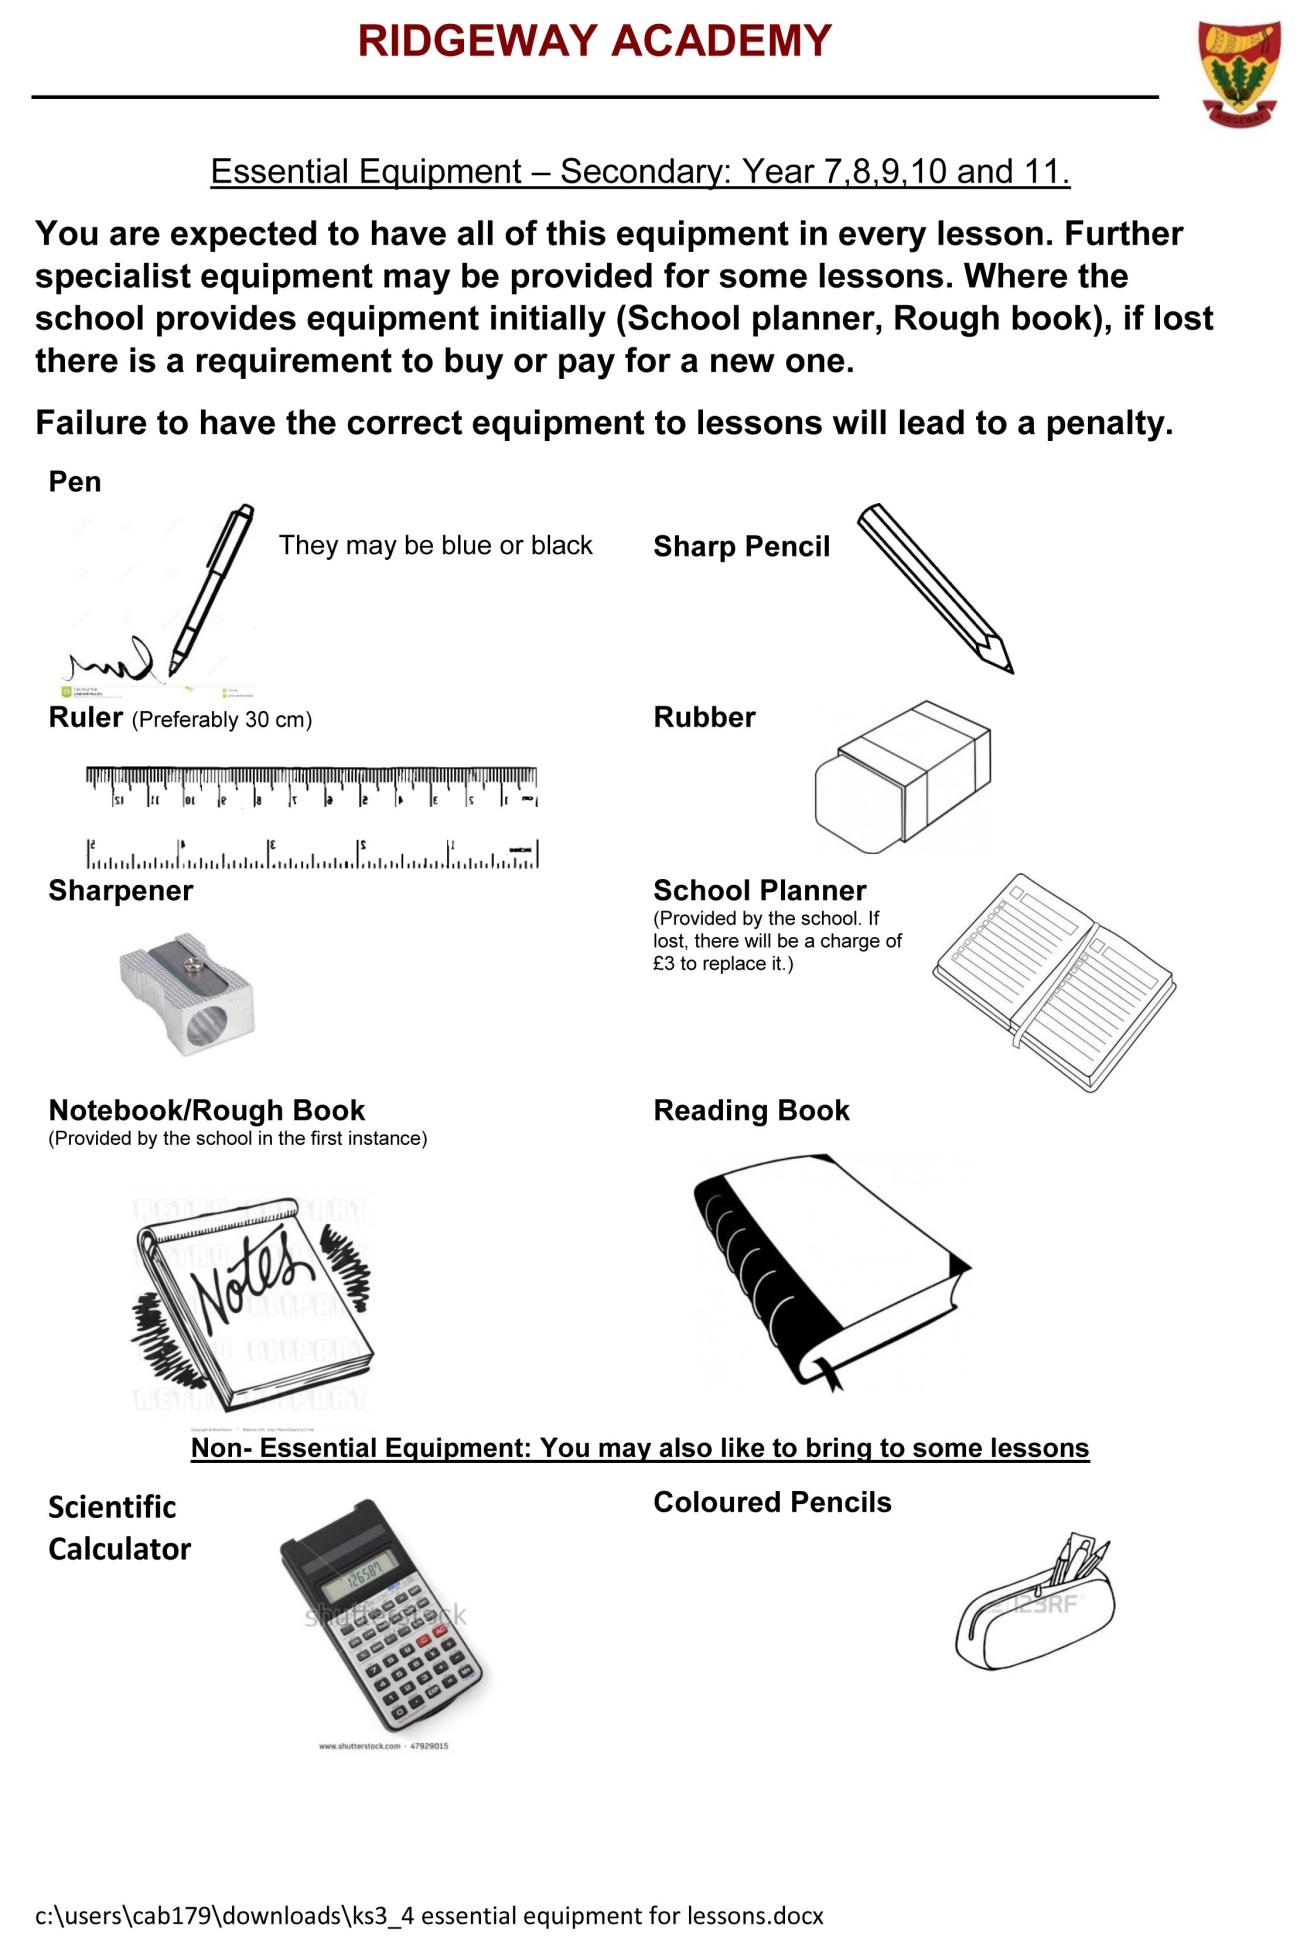 KS3_4 Essential equipment for lessons.jpg